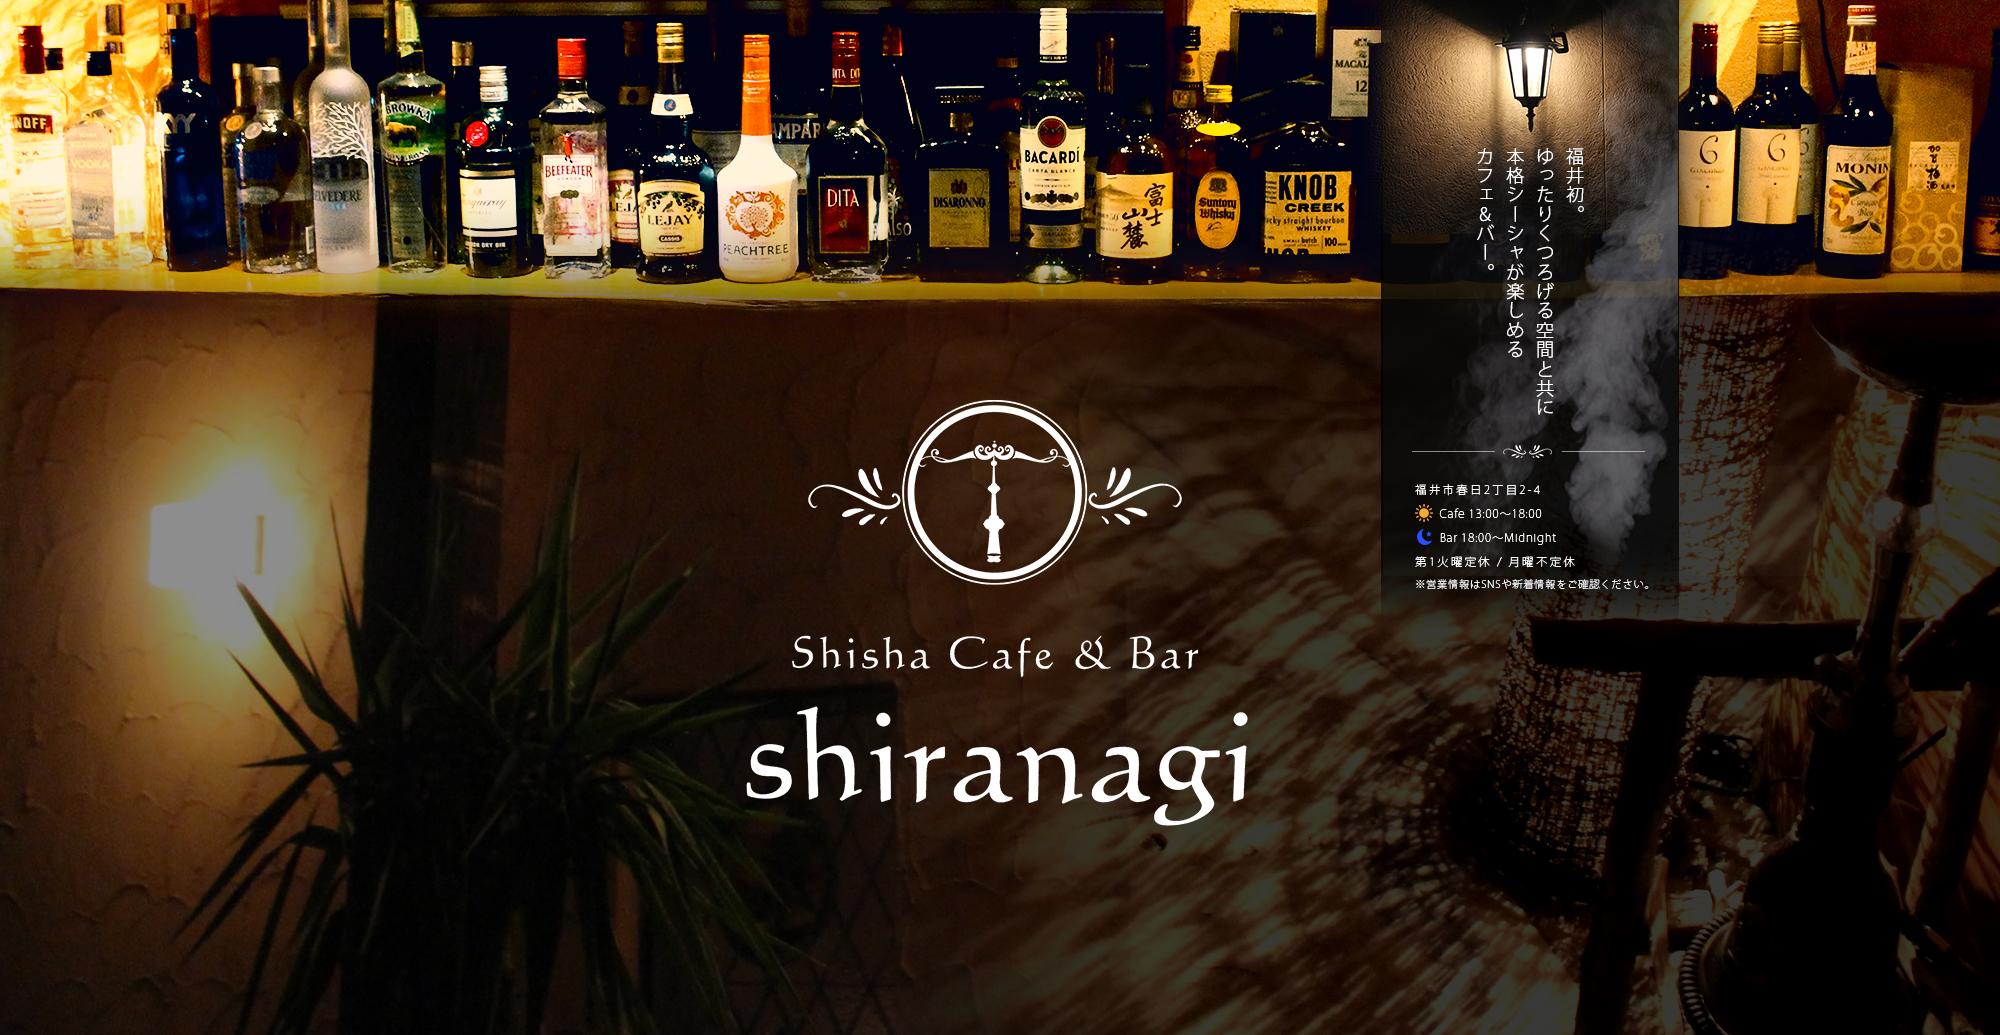 shiranagi